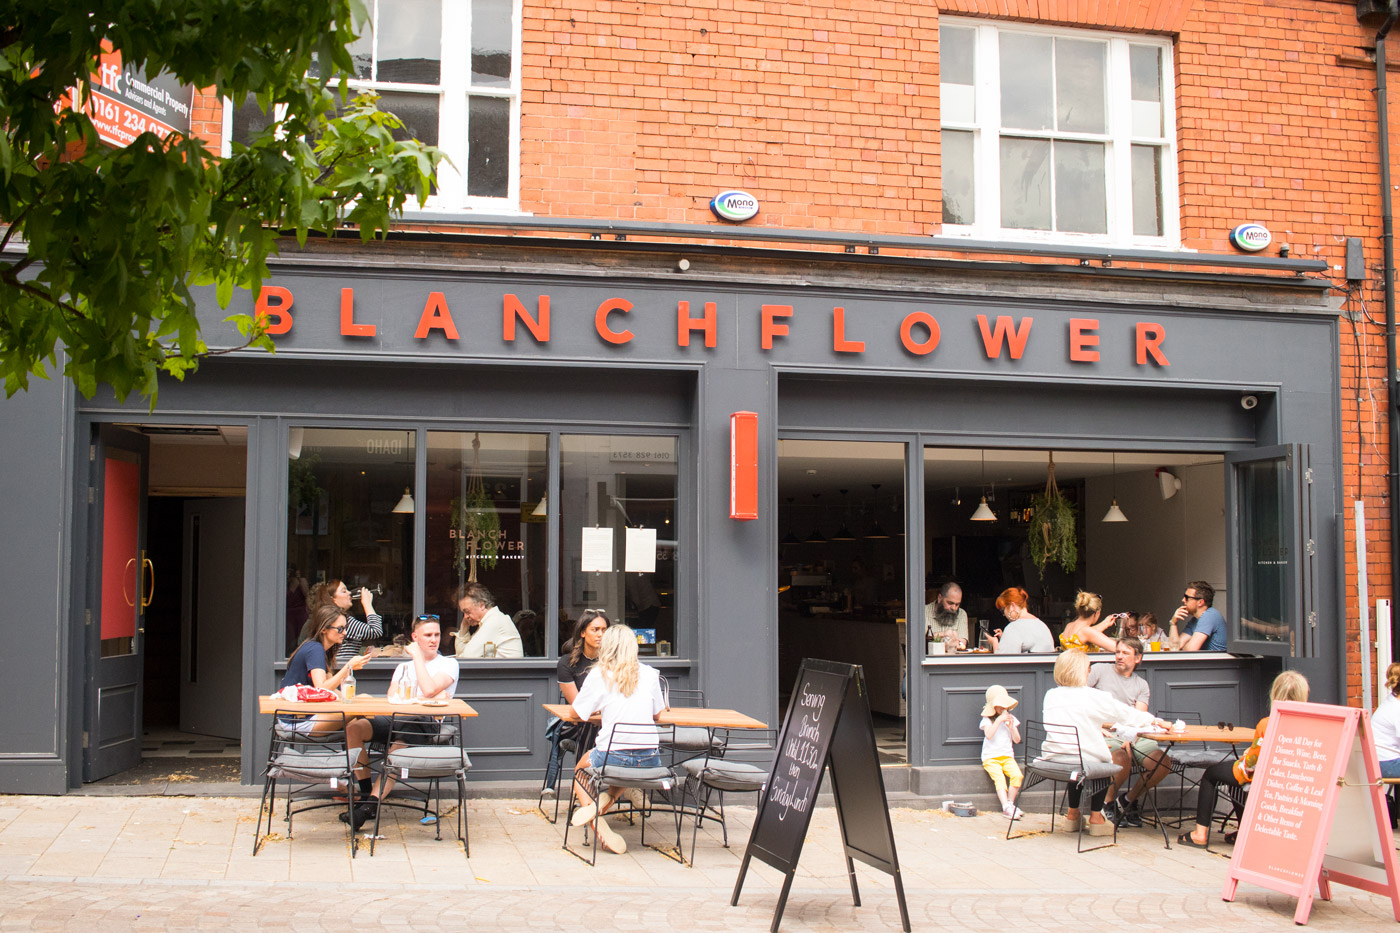 Blanchflower-Altrincham-Restaurant-Review